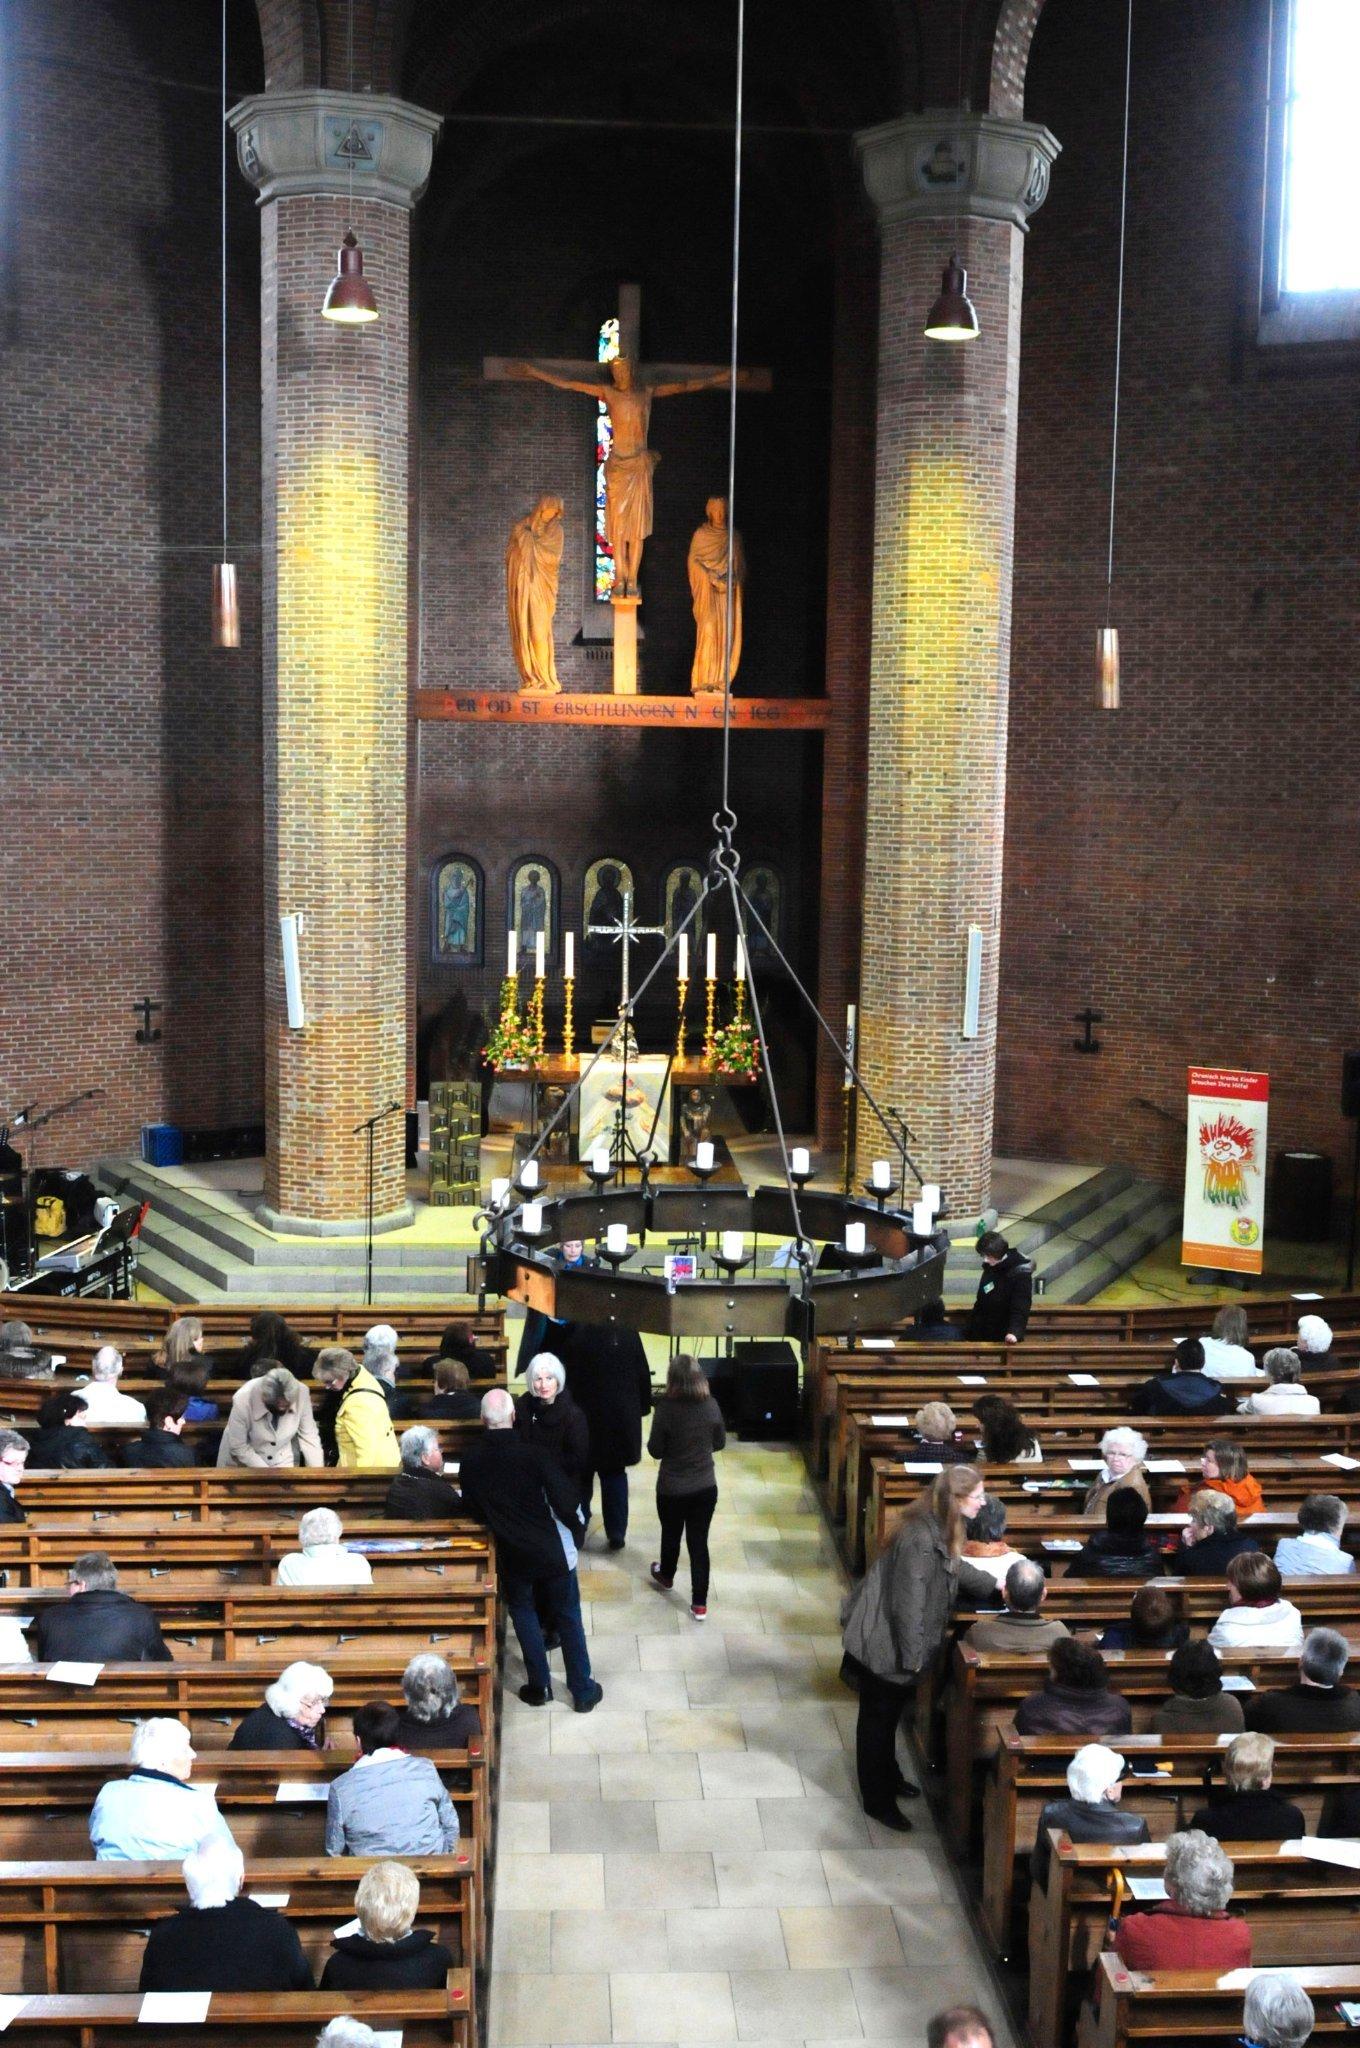 20120422 Reformations Gedaechtniskirche 02